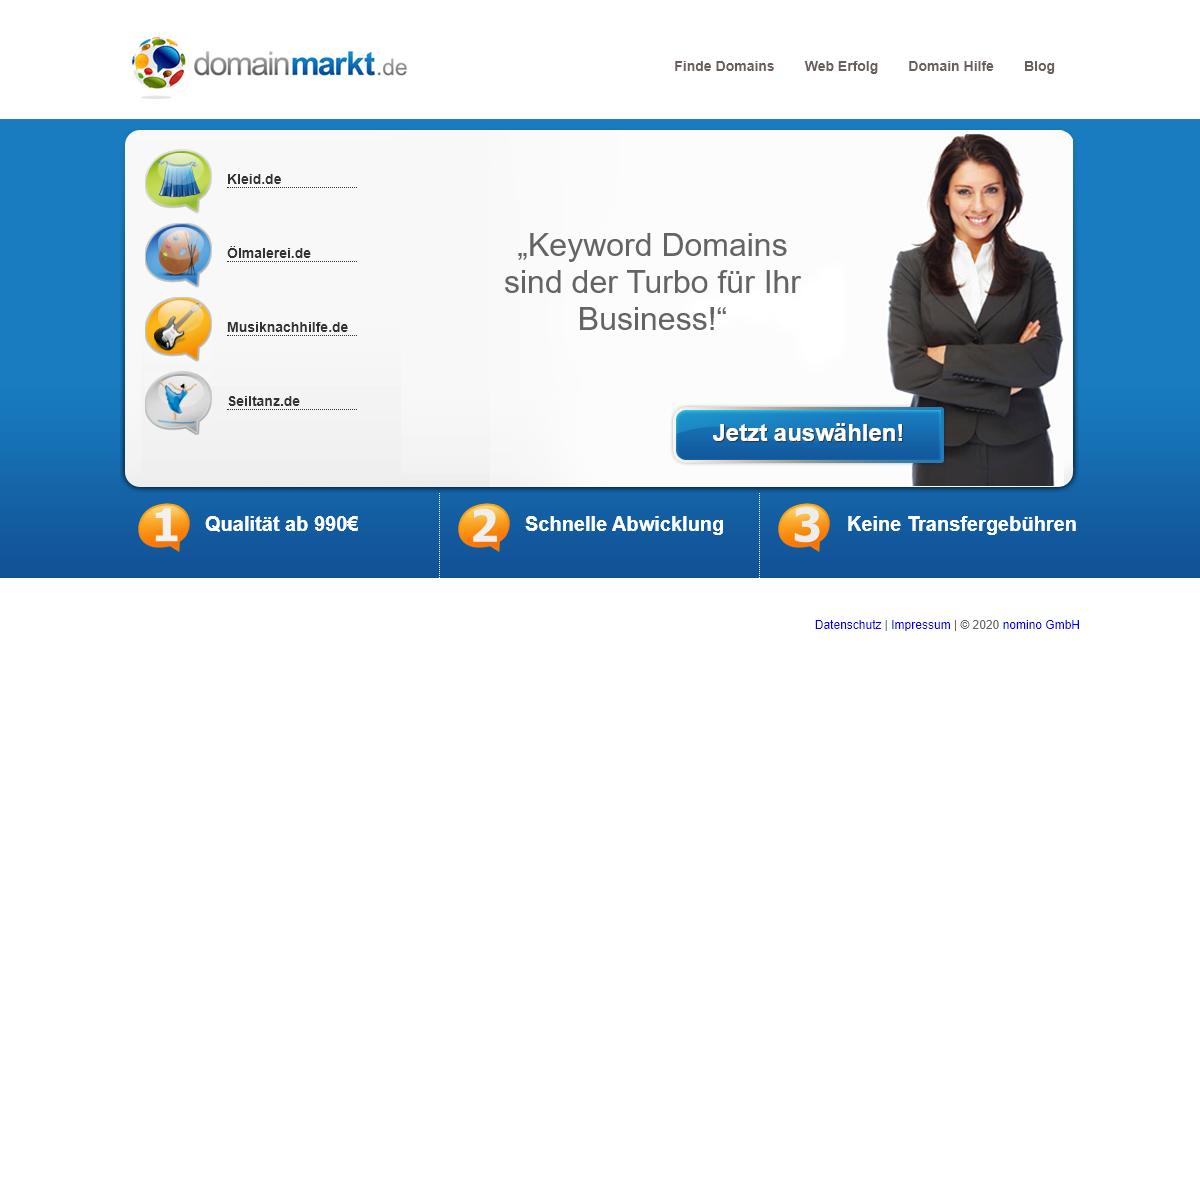 domainmarkt.de Einfach gute Domains!